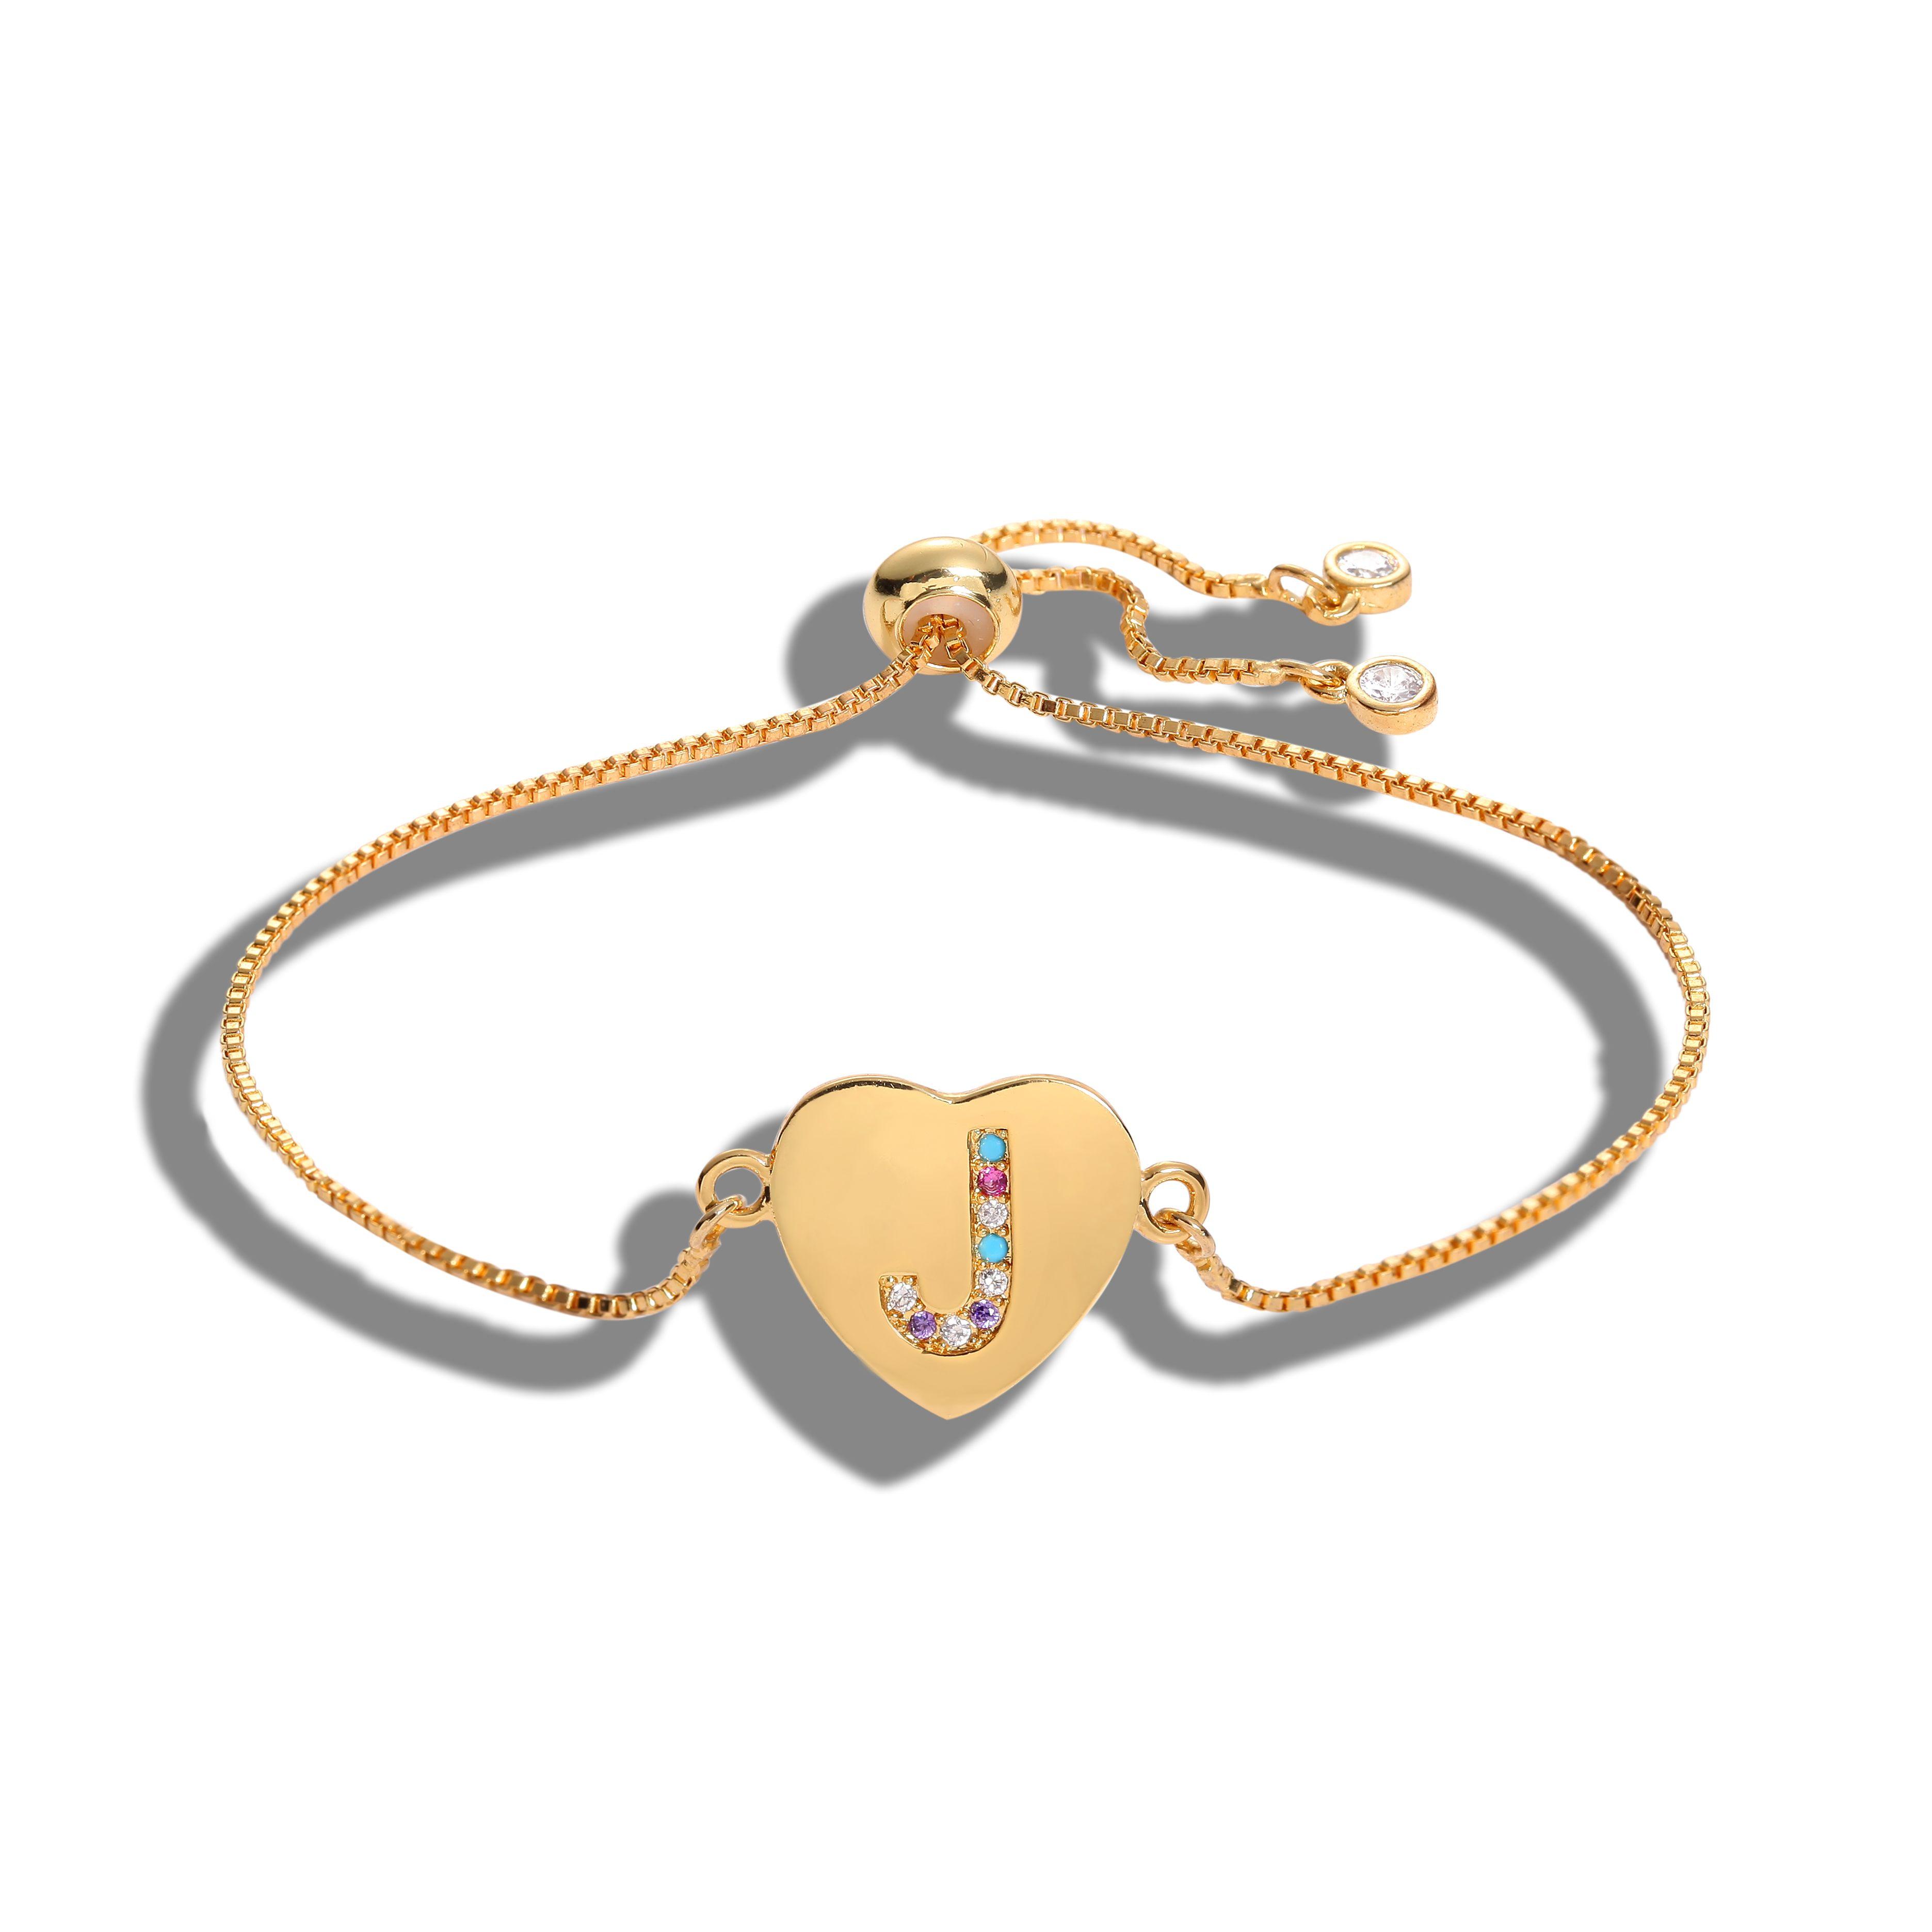 Cubic Zirconia 26 Alphabet Charme Carta Pulseira Femme cobre A-Z Pulseiras Nome da cadeia de jóias mulheres ajustável